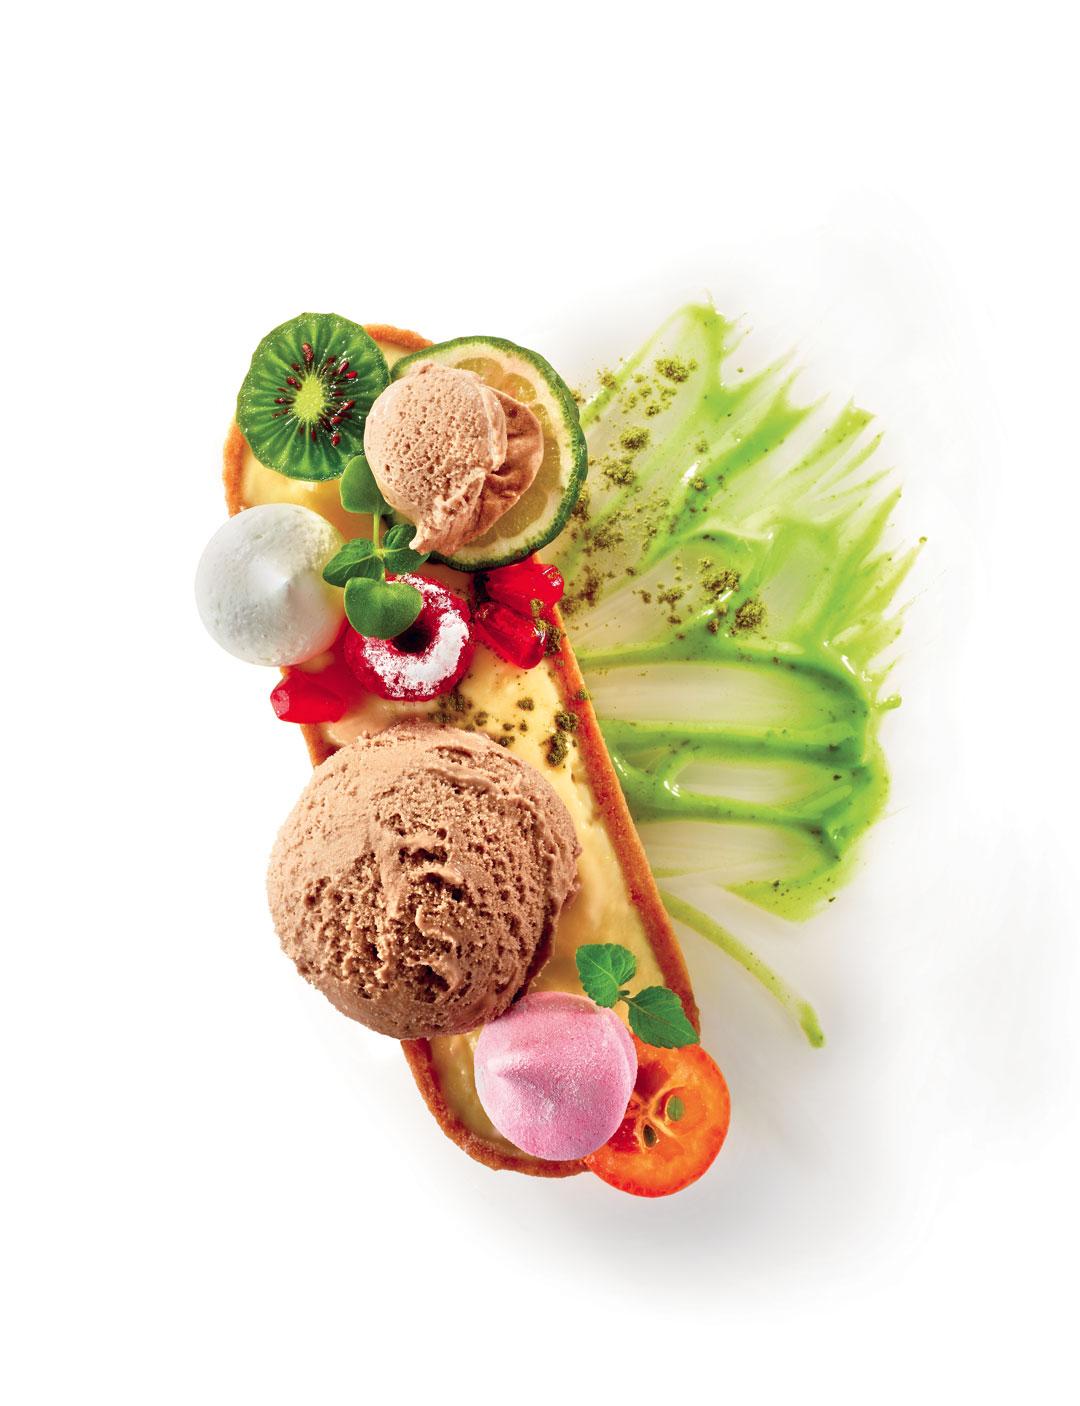 Crème glacée acaï, crème et poudre de thé vert matcha, tarte au citron, fruits exotiques et guimauves